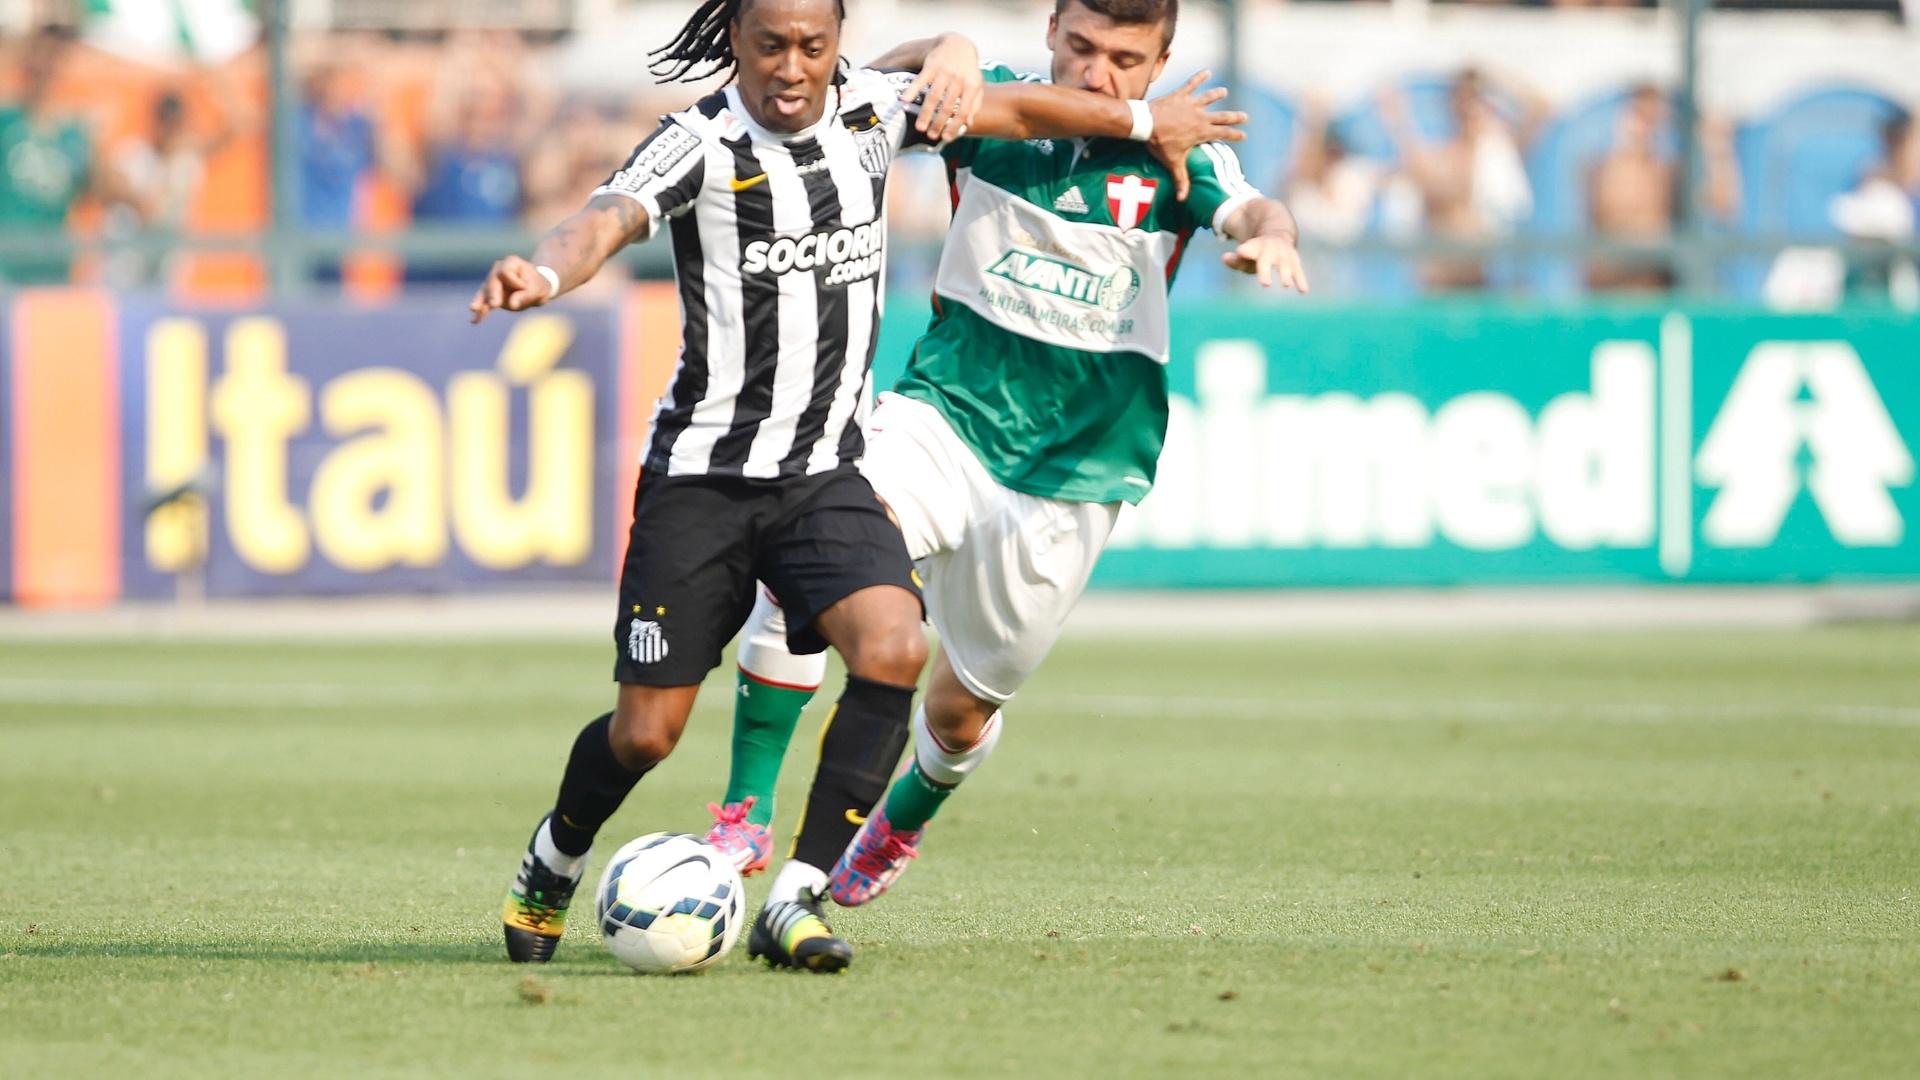 Arouca protege a bola durante clássico entre Santos e Palmeiras no Pacaembu pelo Brasileirã